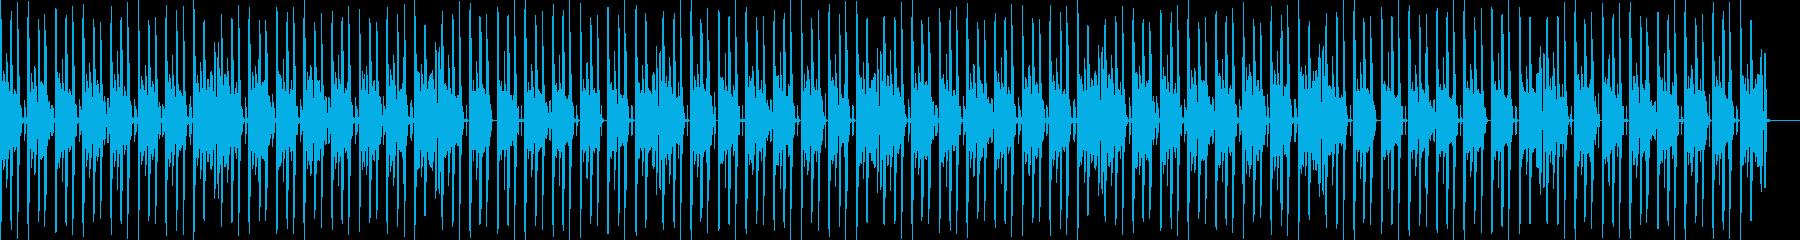 かわいい楽しいEDMエンディングの再生済みの波形